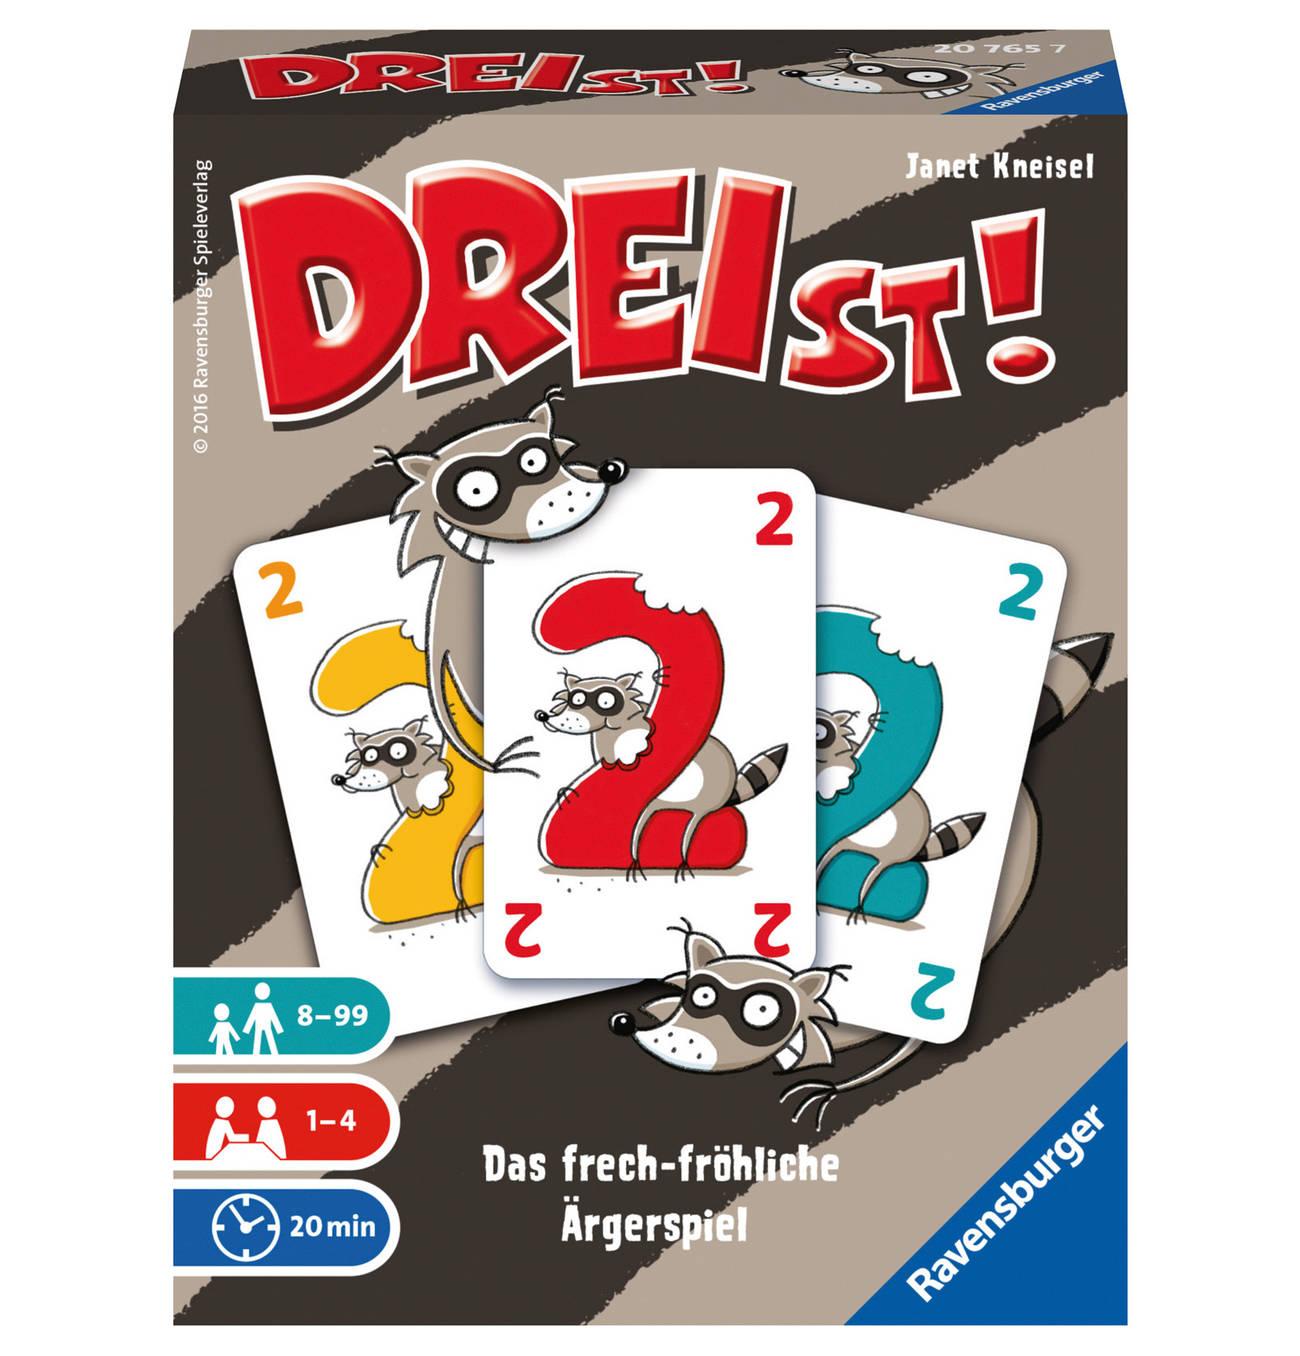 Spiel Dreist Kartenspiel Spiele Karte Spiel